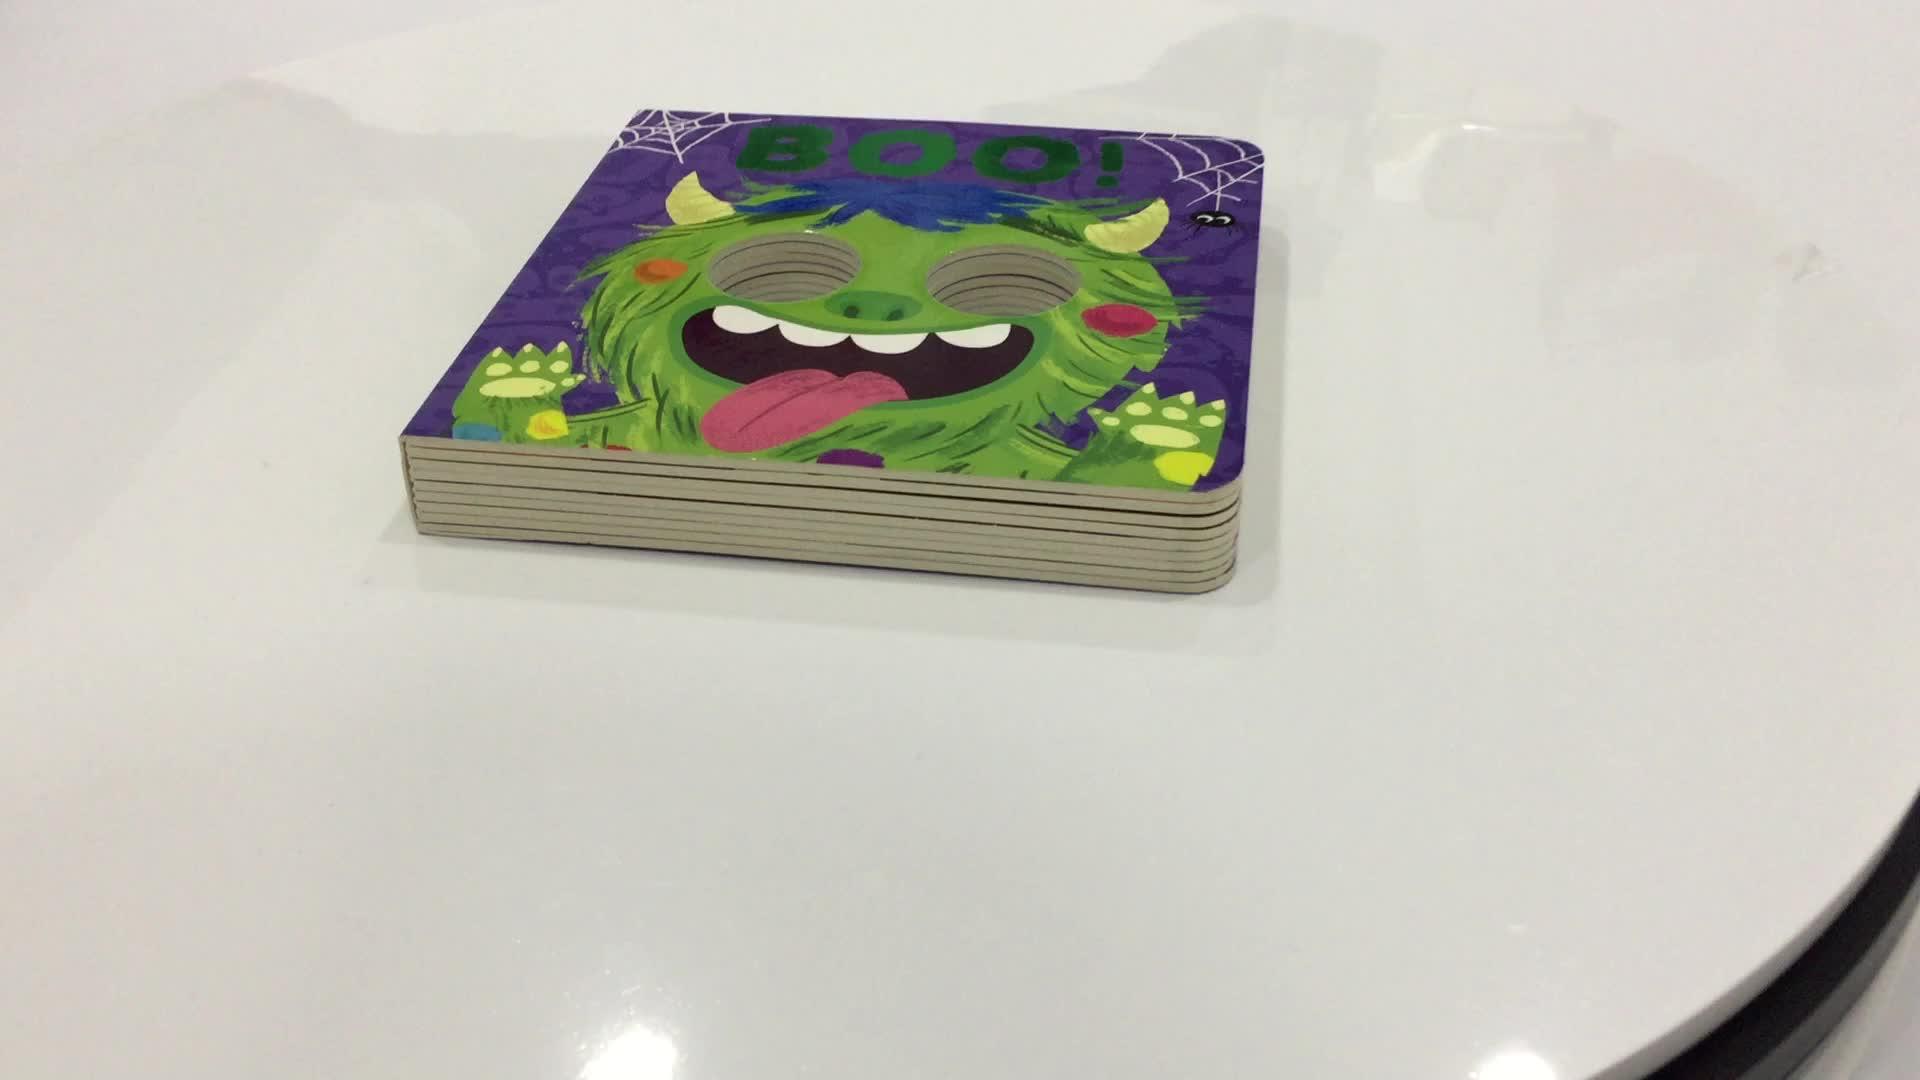 סיטונאי custom קרטון ספר לילדים הדפסת אנגלית סיפור ספרי לוח